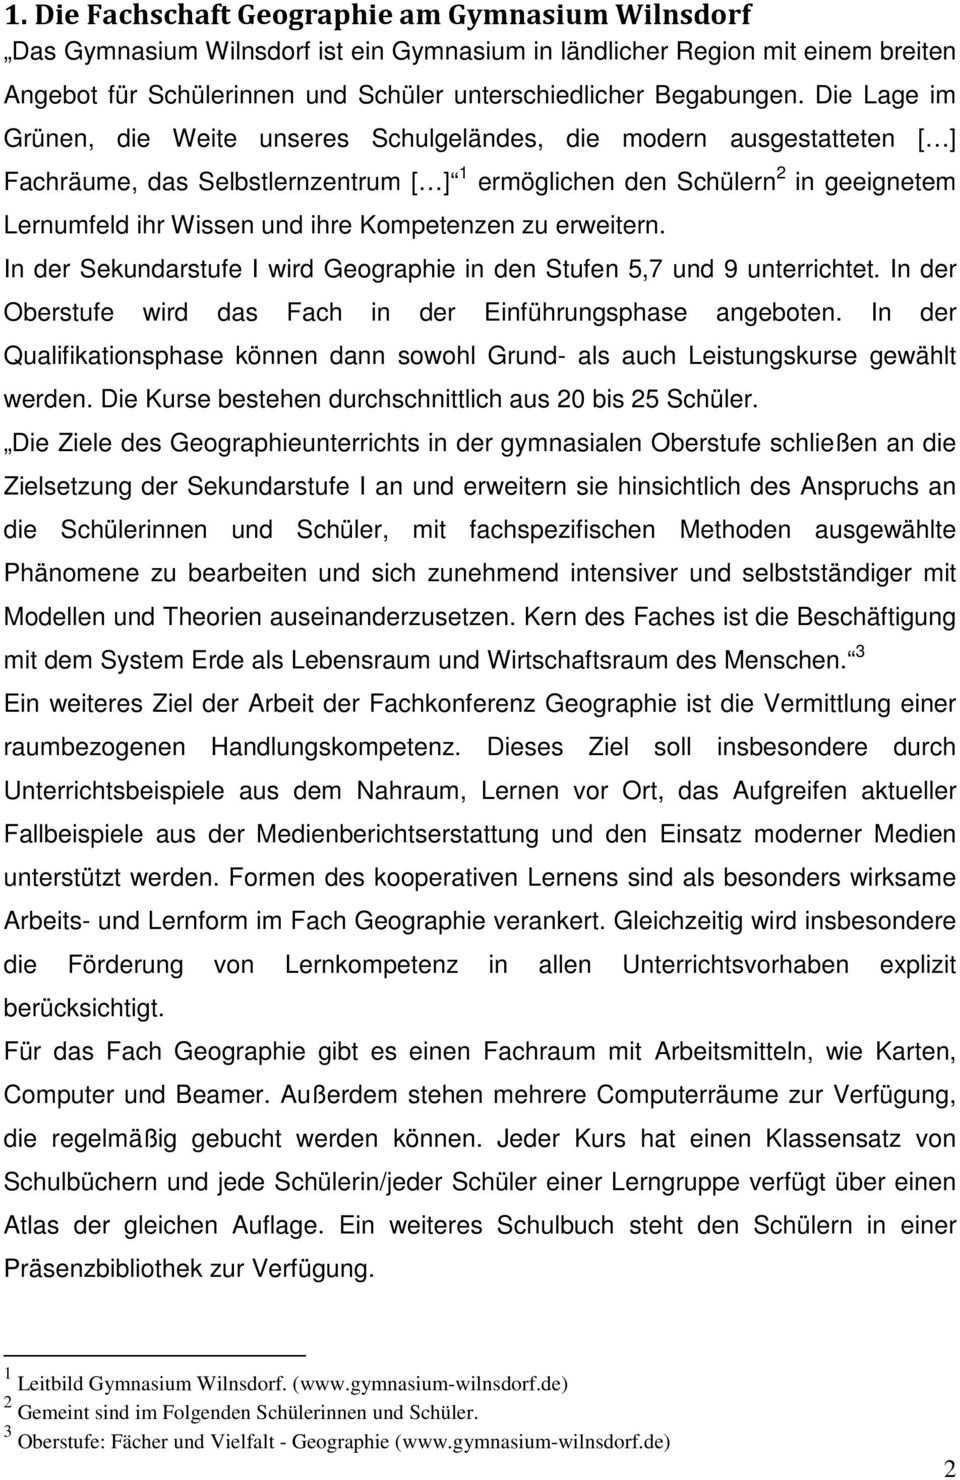 Fachcurriculum Des Gymnasium Wilnsdorf Fur Das Fach Erdkunde Geographie Pdf Kostenfreier Download